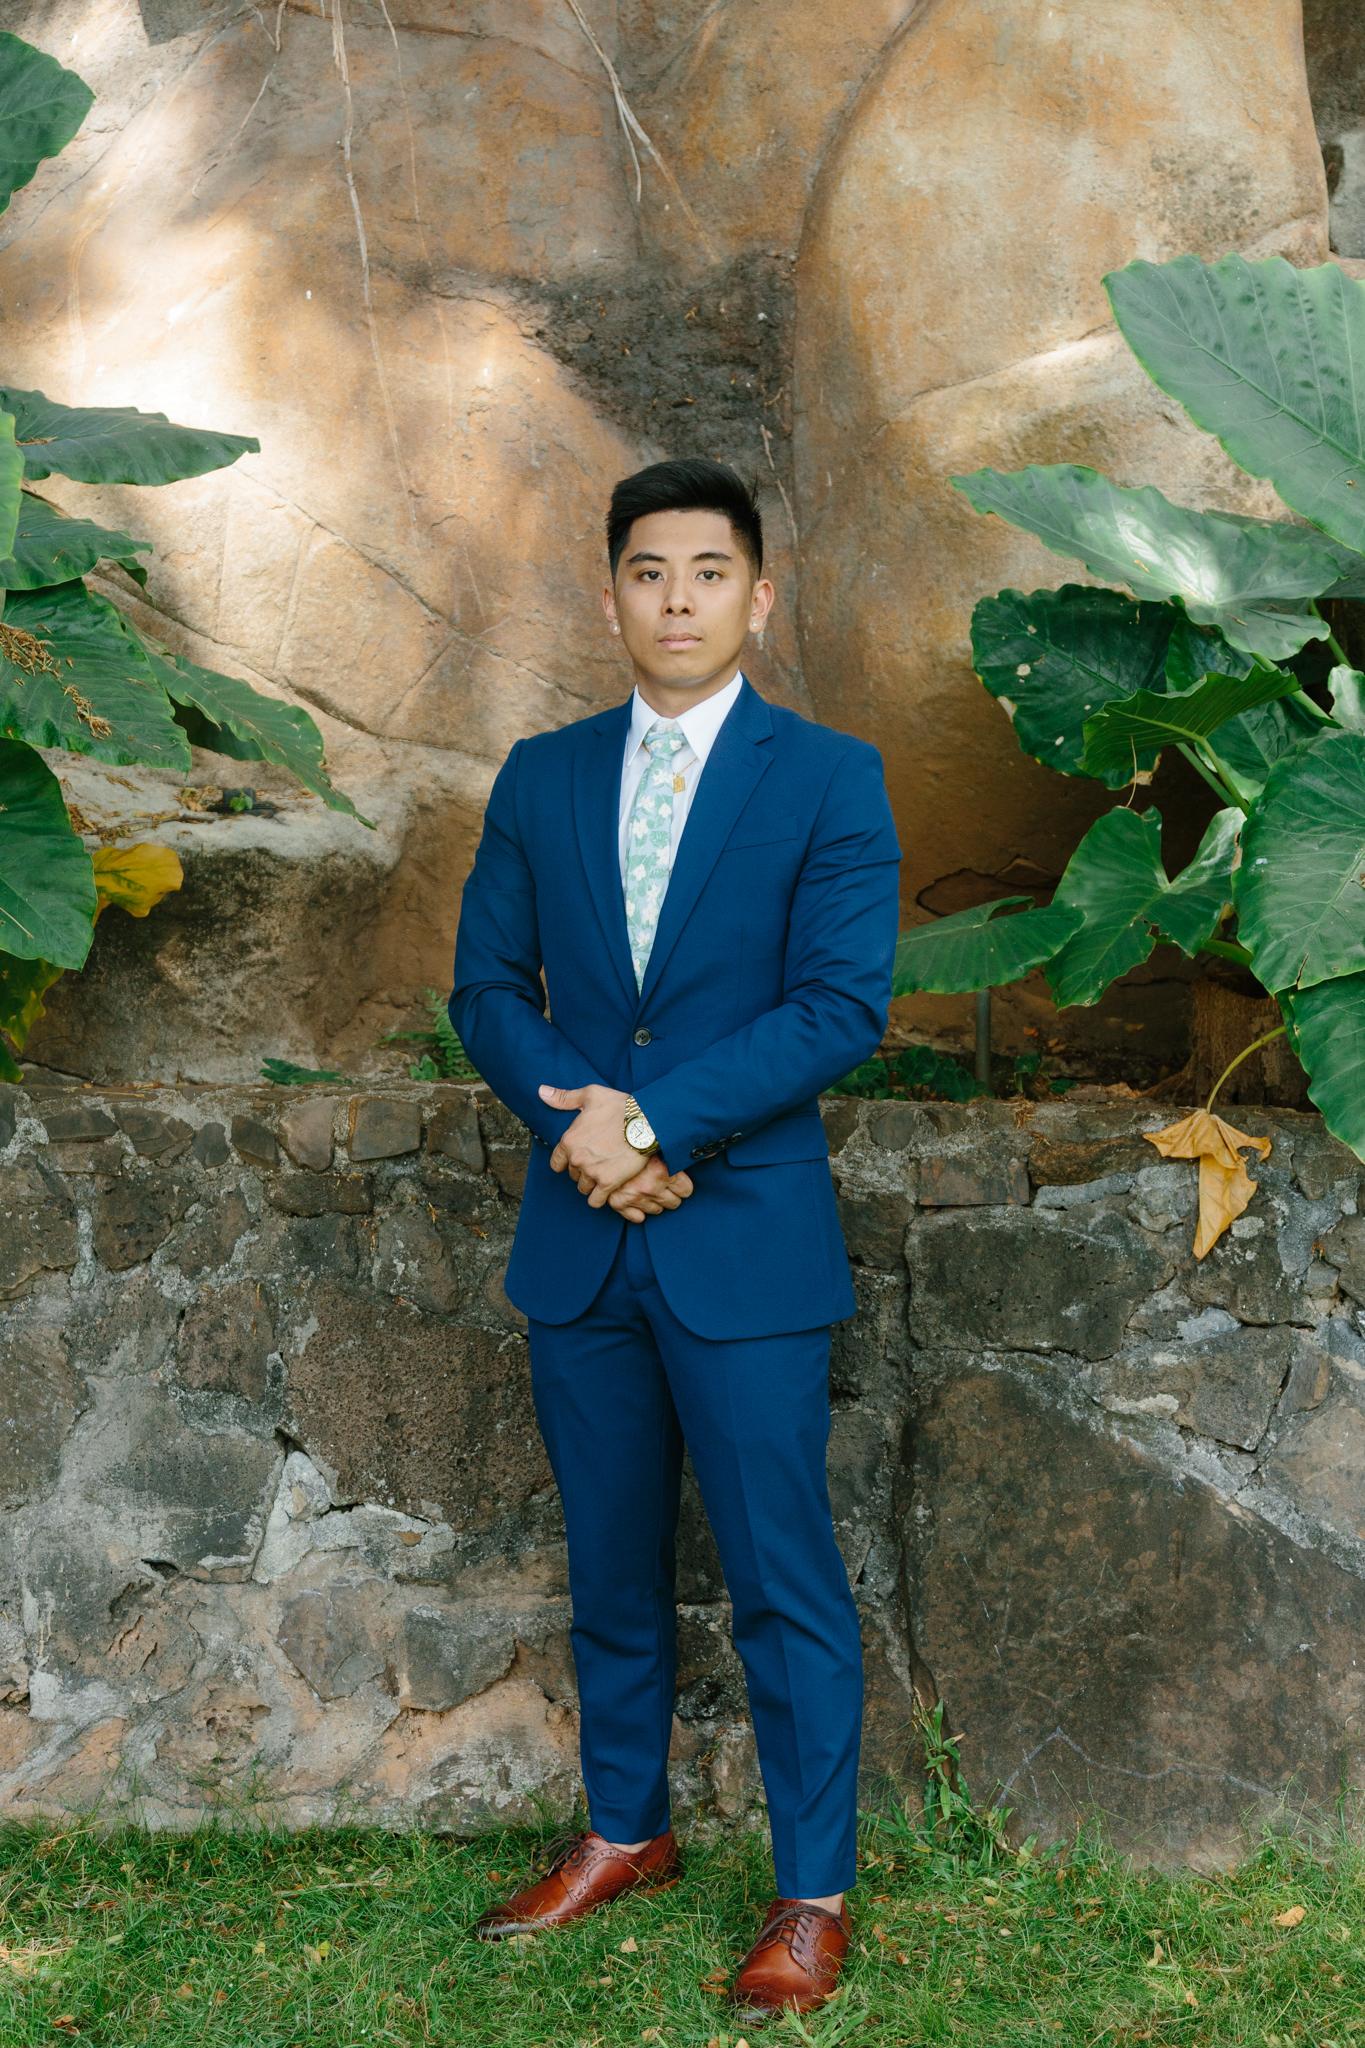 kualoa_ranch_wedding_photography_tone_hawaii-8.jpg